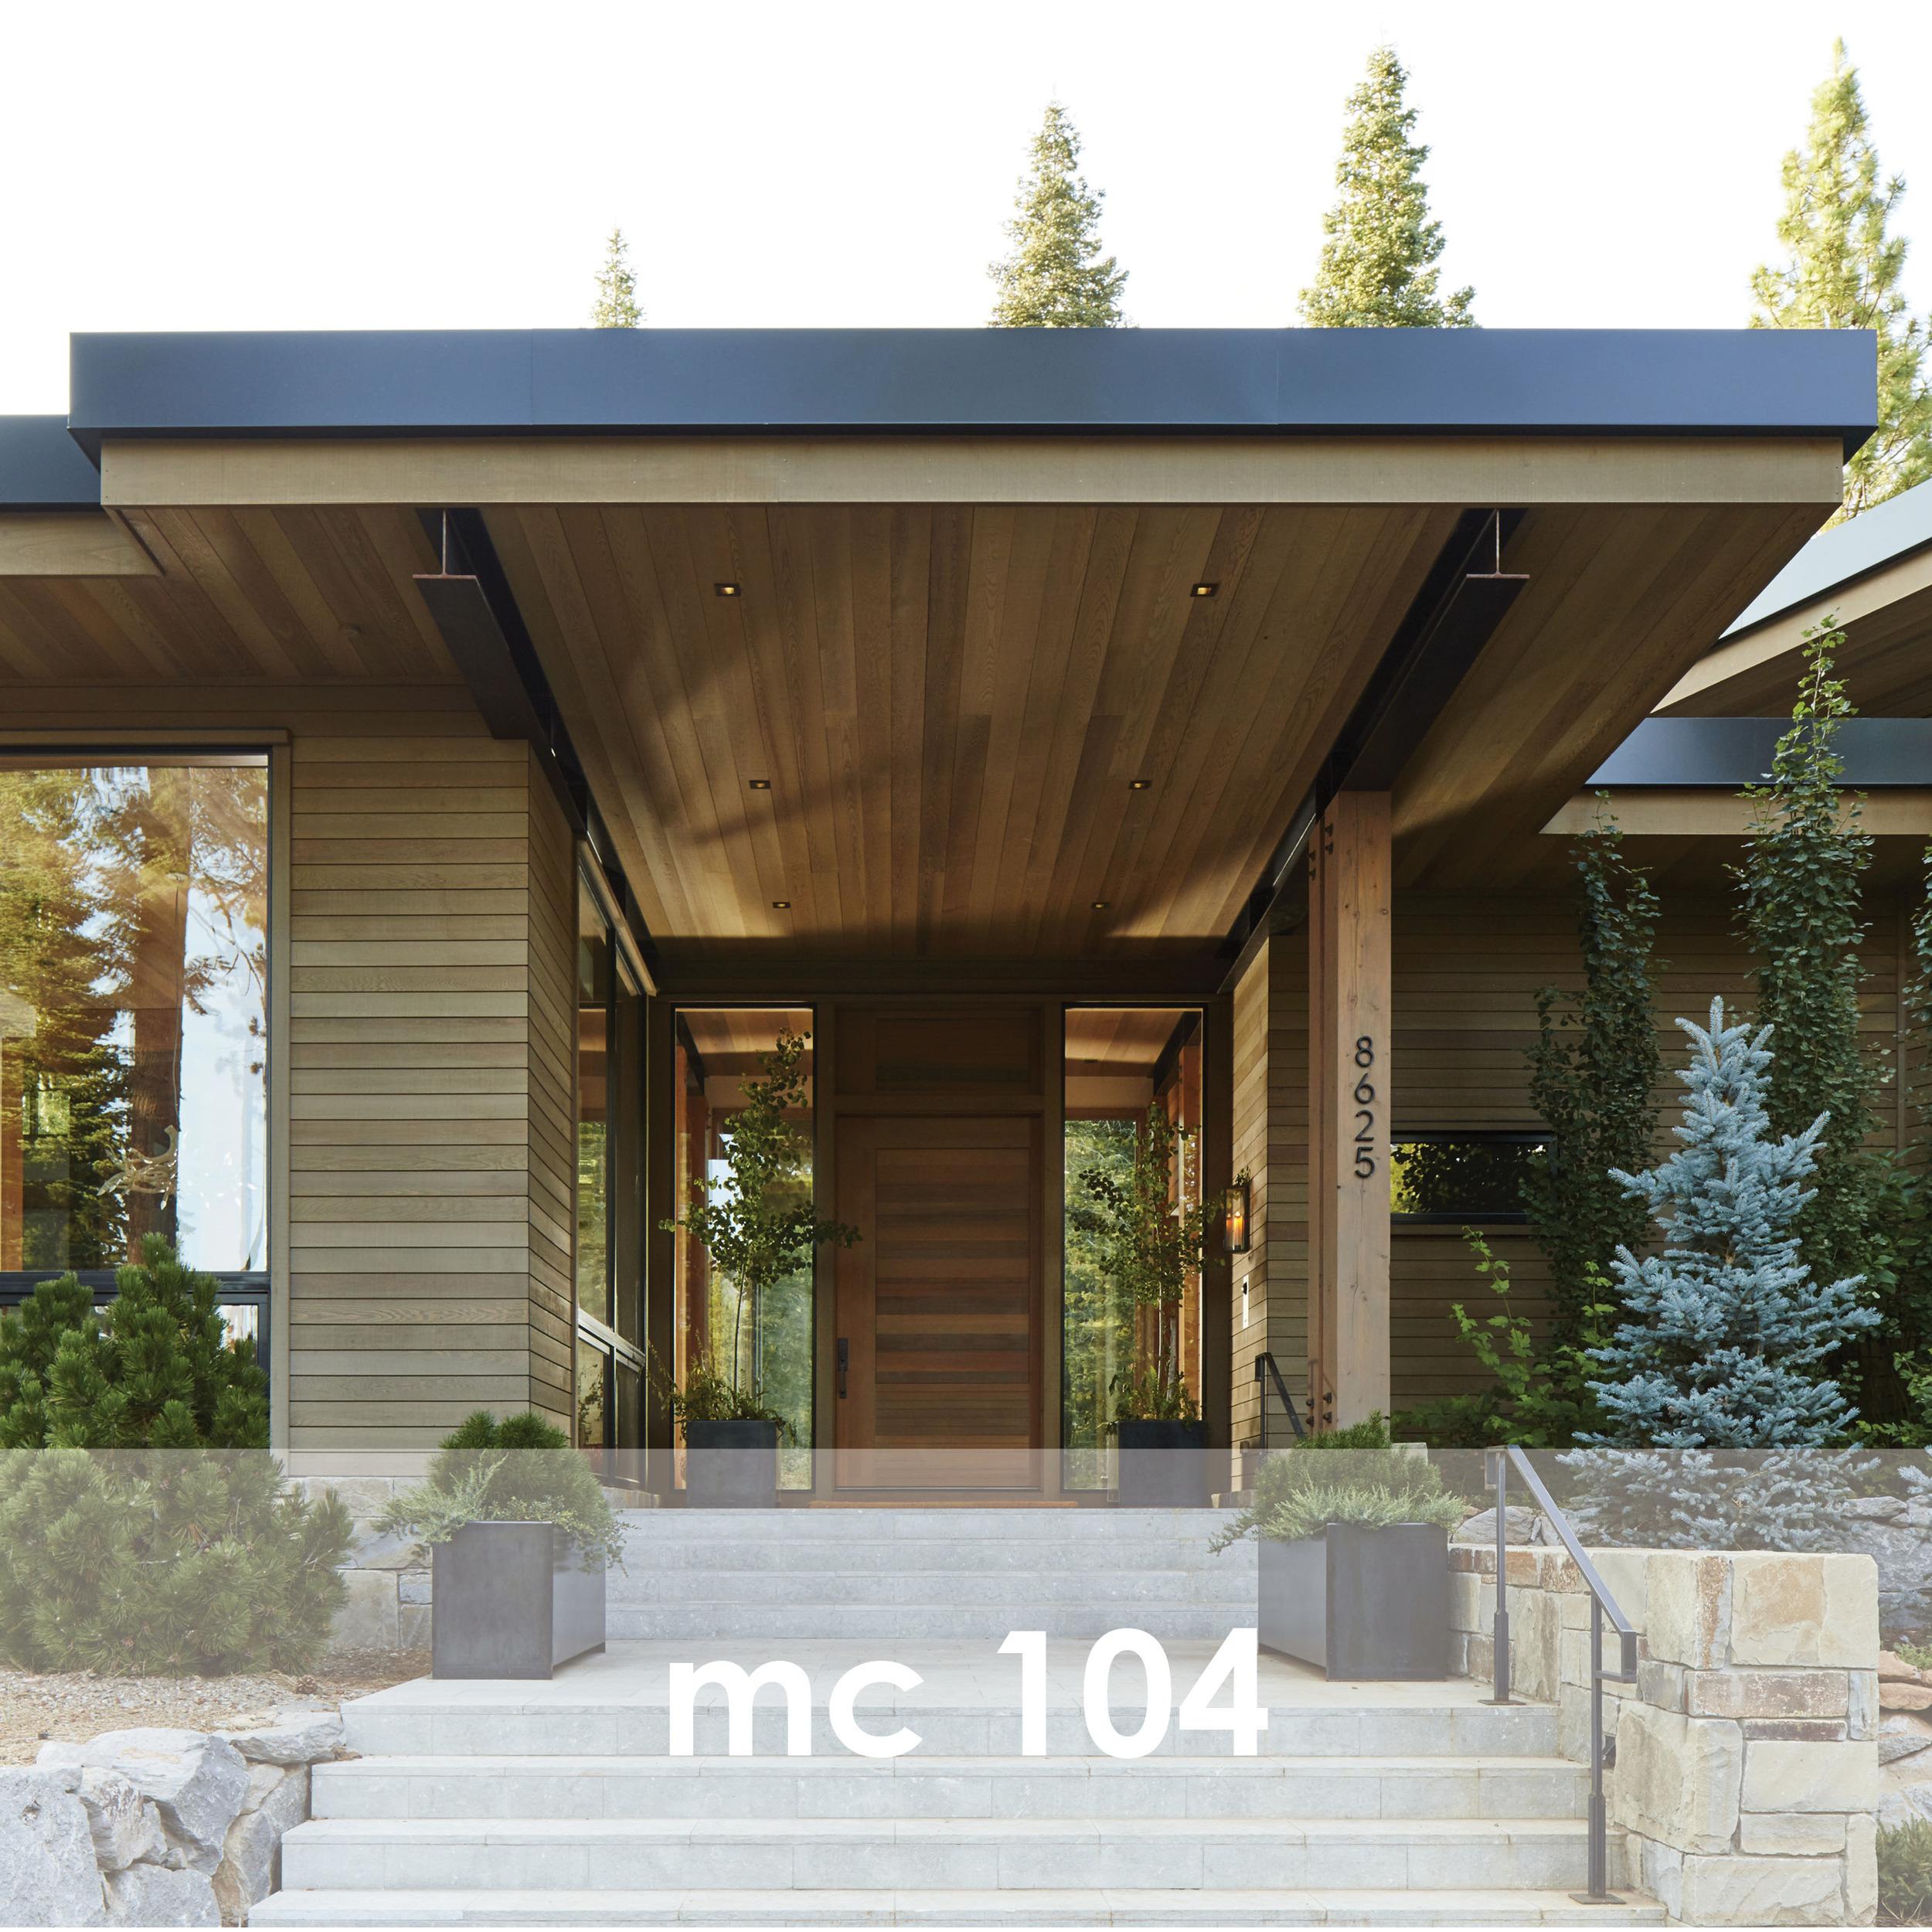 mc-104-ullyot.jpg